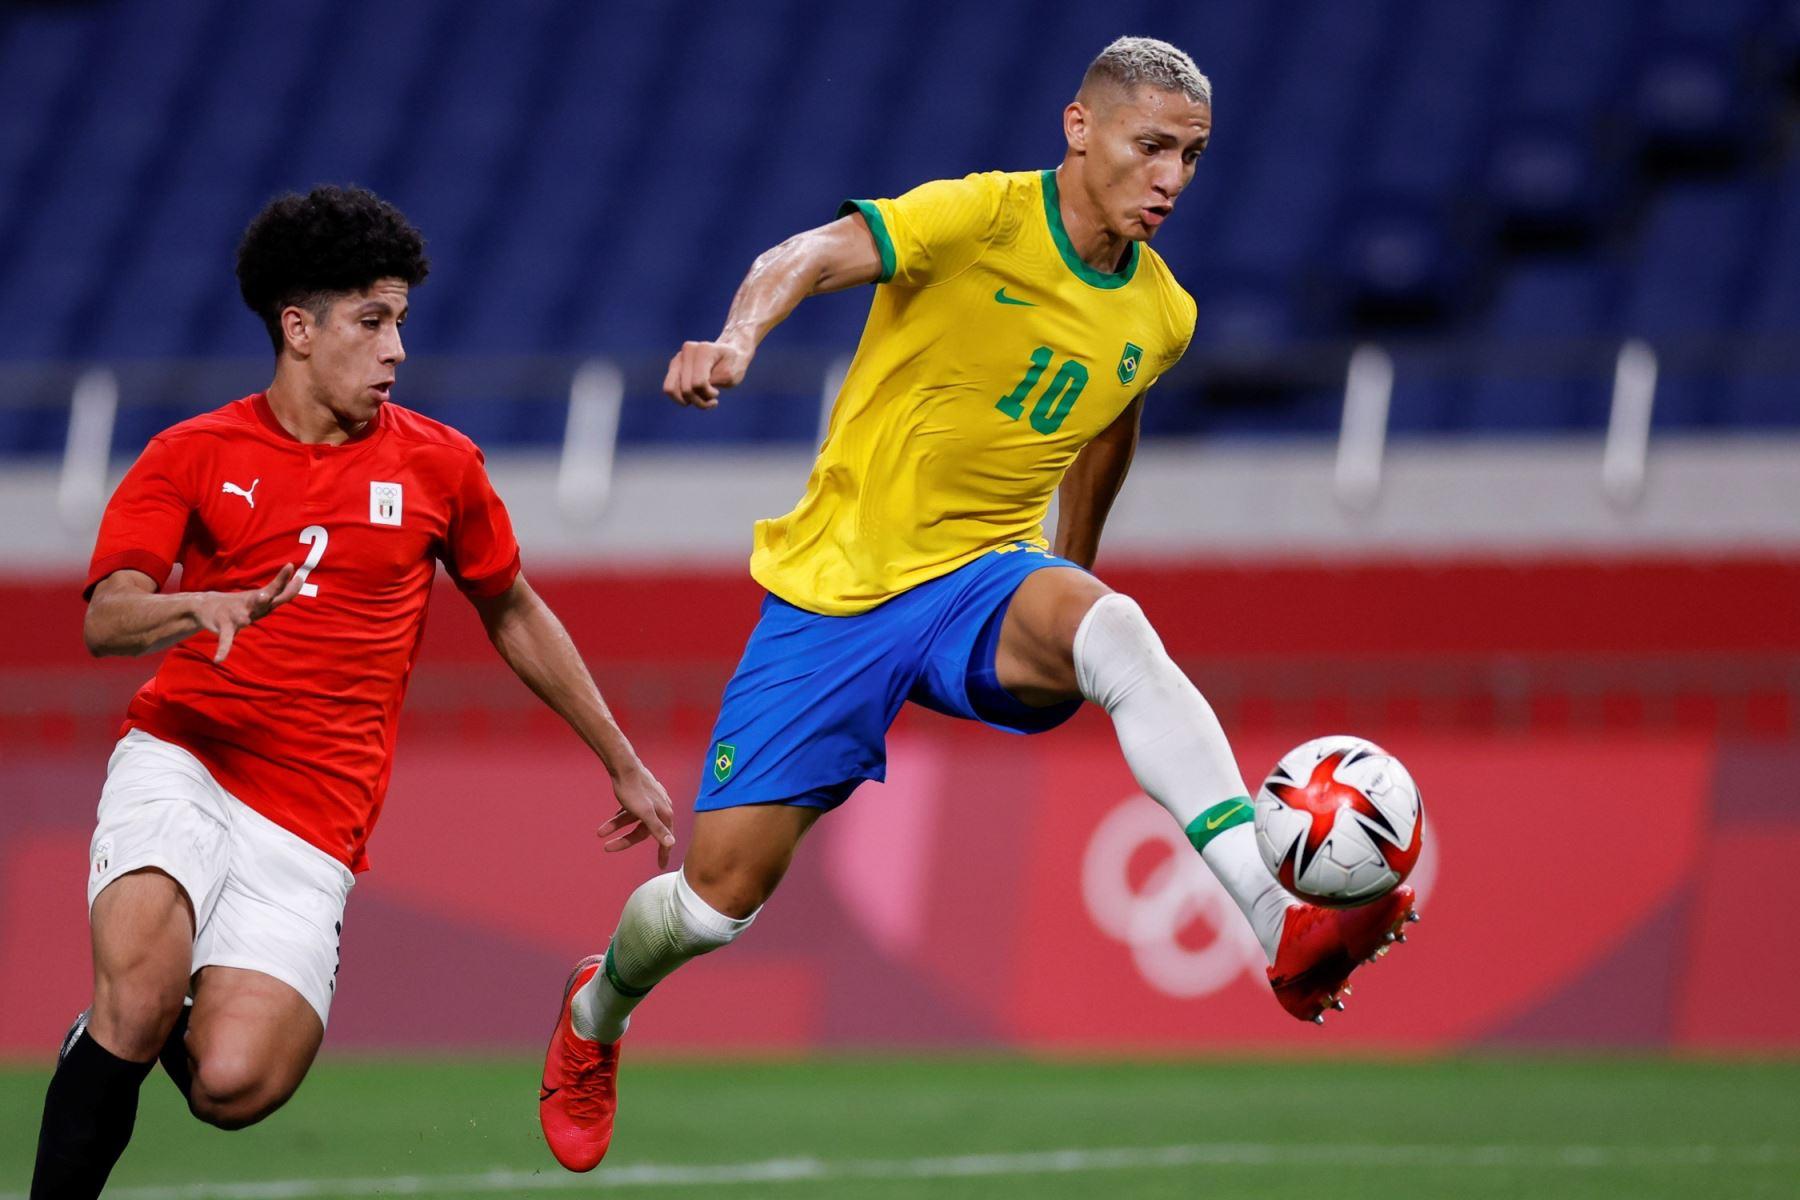 El delantero brasileño Richarlison controla el balón ante la marca del centrocampista egipcio Ammar Hamdy durante los cuartos de final de los Juegos Olímpicos 2020,, en el Estadio de Kashima, Japón. Foto: EFE